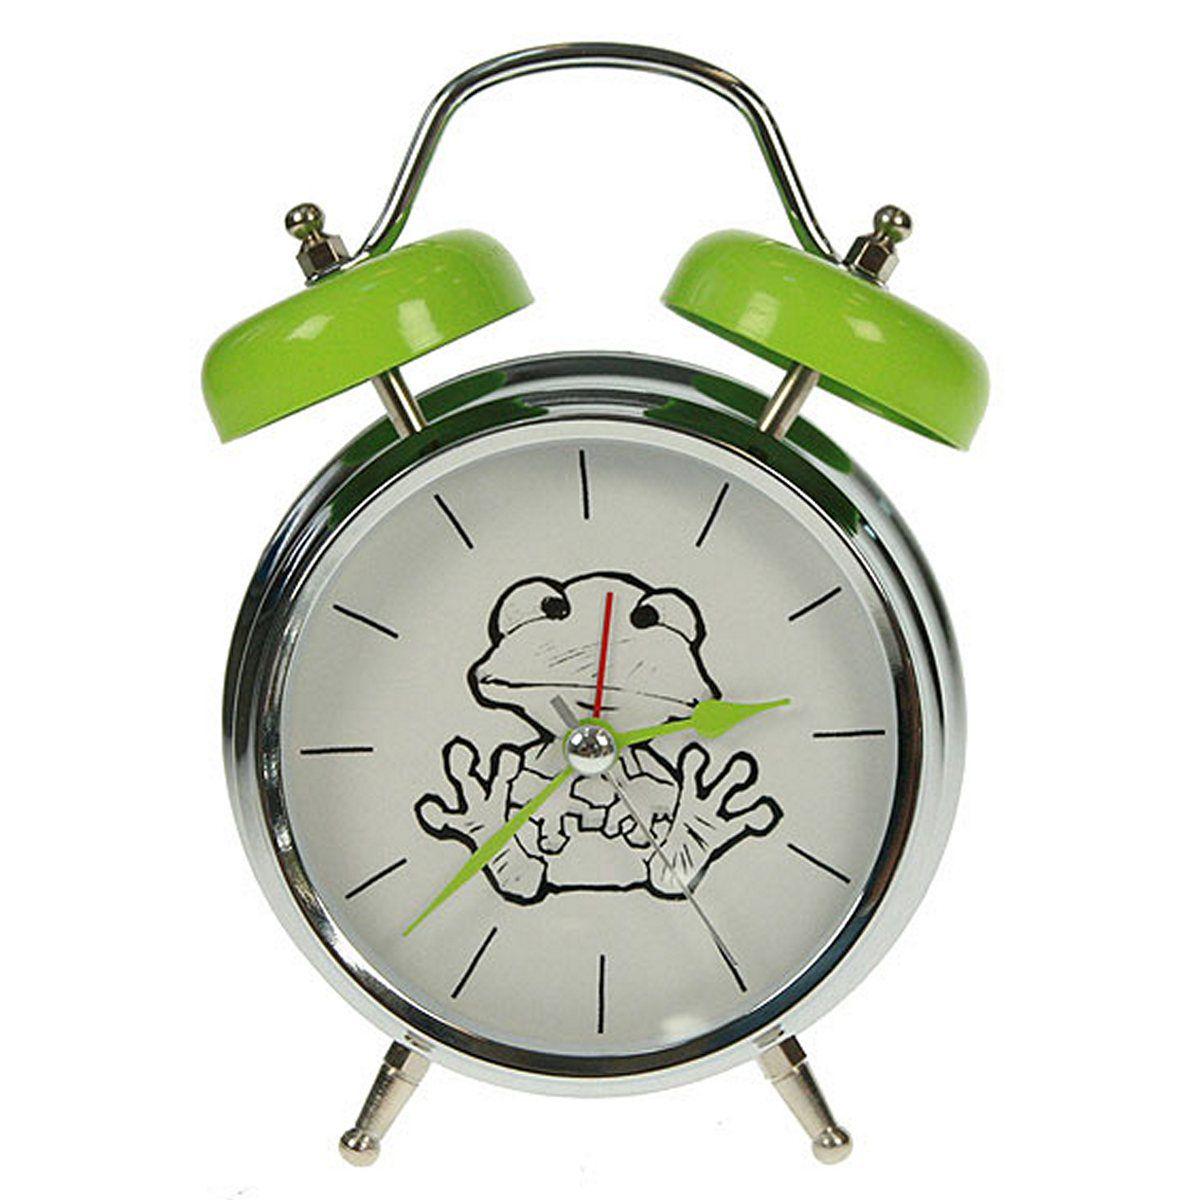 Часы настольные Русские Подарки Лягушка, с функцией будильника, 12 х 6 х 17 см. 232414232414Настольные кварцевые часы Русские Подарки Лягушка изготовлены из металла, циферблат защищен стеклом. Оригинальное оформление в виде смешной лягушки поднимет настроение, а благодаря функции будильника вы проснетесь вовремя. Часы имеют три стрелки - часовую, минутную и секундную. Такие часы украсят интерьер дома или рабочий стол в офисе. Также часы могут стать уникальным, полезным подарком для родственников, коллег, знакомых и близких. Часы работают от батареек типа АА (в комплект не входят).